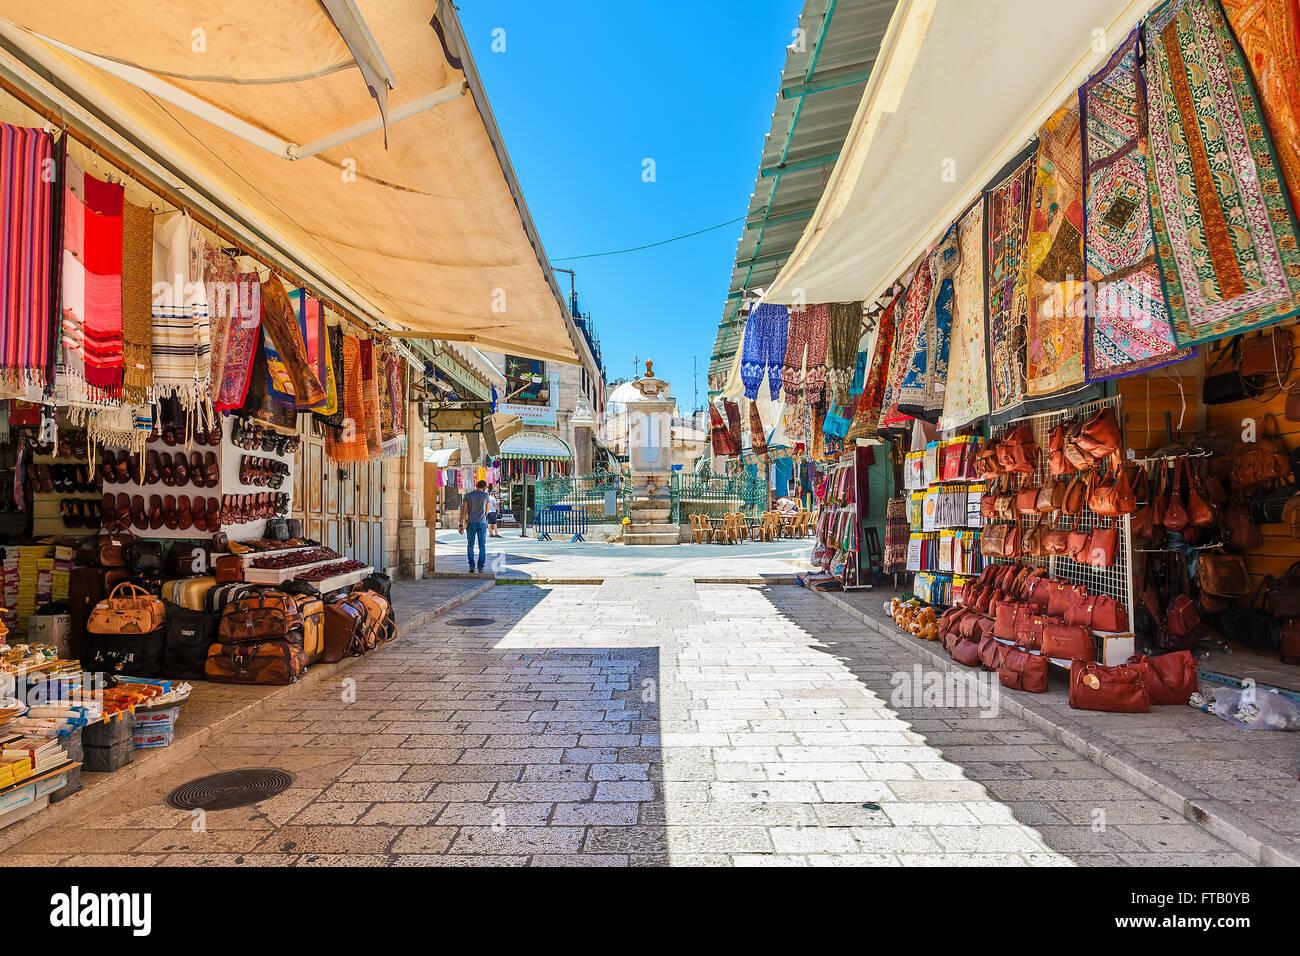 Bazar en la Ciudad Vieja de Jerusalén, Israel. Imagen De Stock